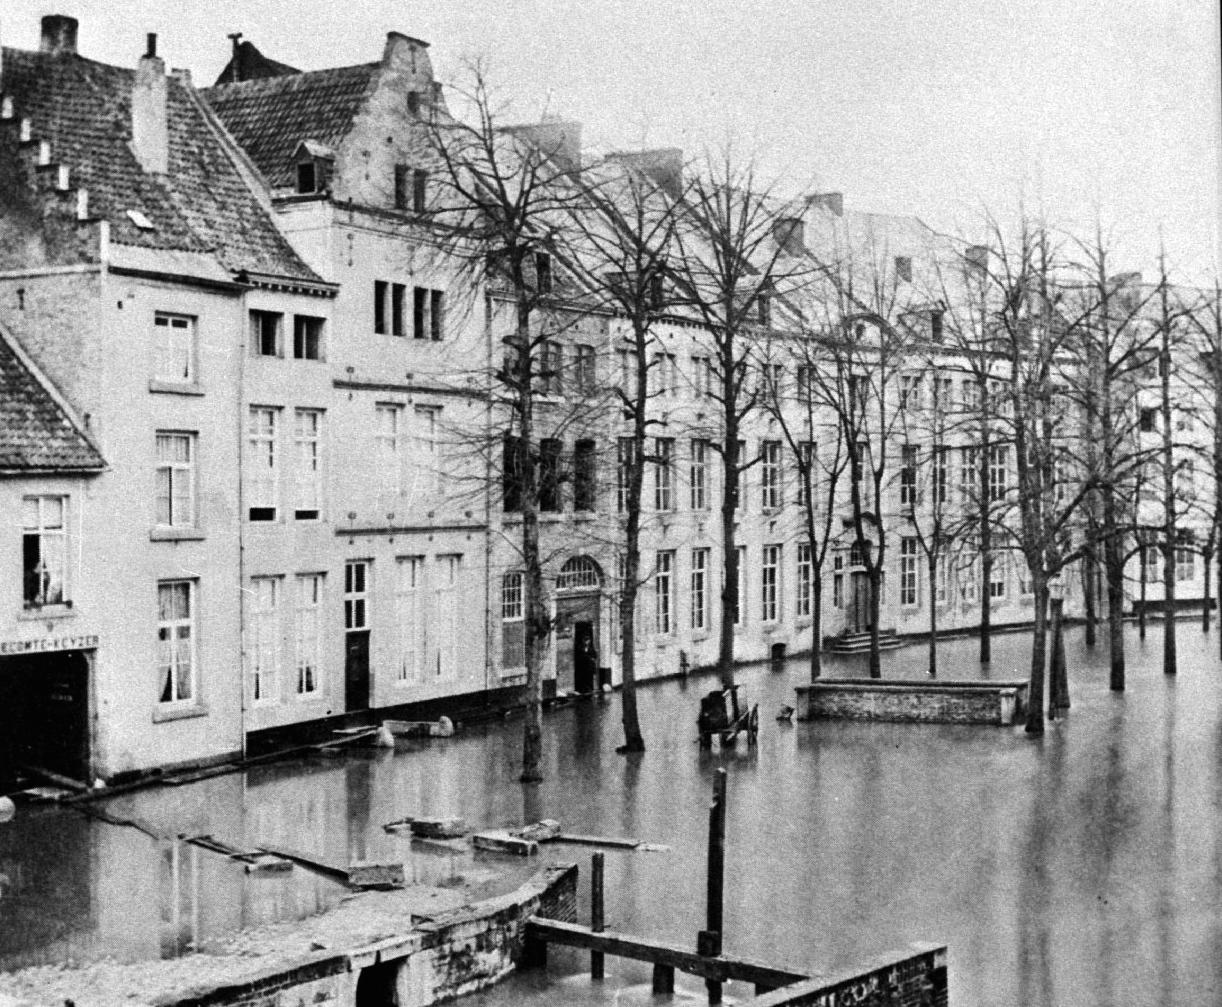 grote-looierstraat-1880-overstroming.jpg